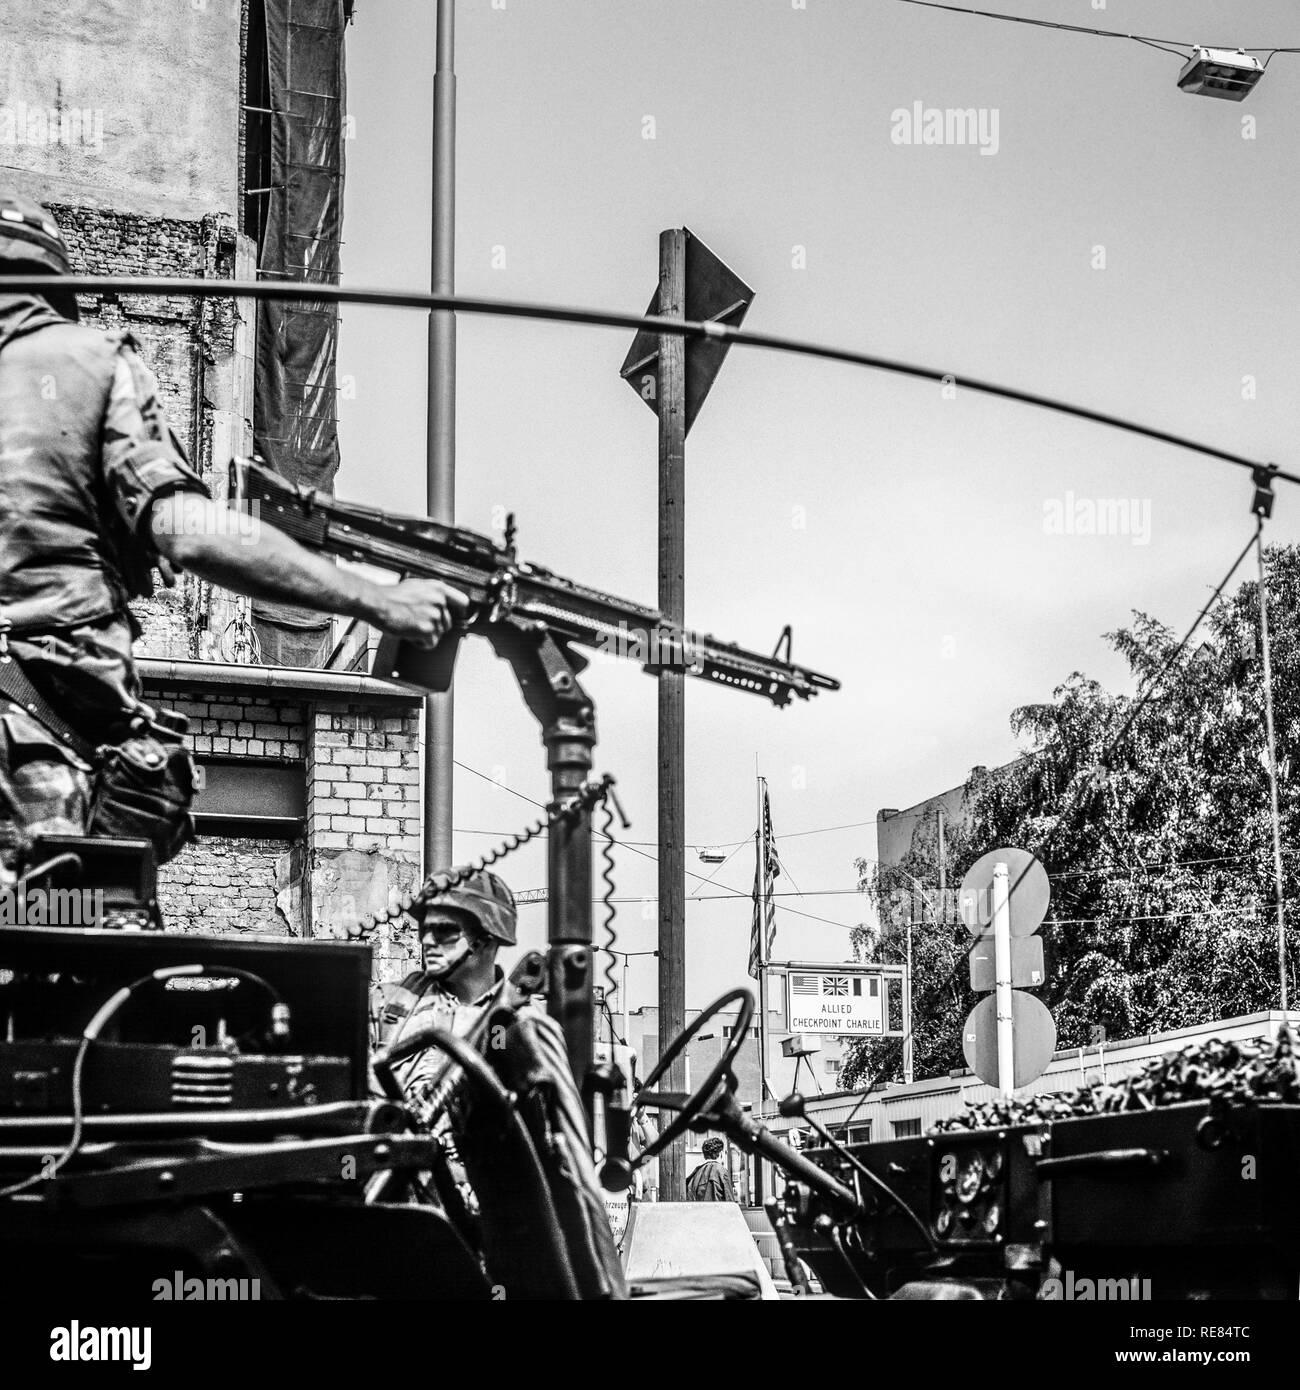 Agosto 1986, Berlino, noi esercito pattuglia di parete in corrispondenza di Allied Checkpoint Charlie, Friedrichstrasse street, Kreuzberg, Berlino Ovest lato, Germania, Europa Immagini Stock